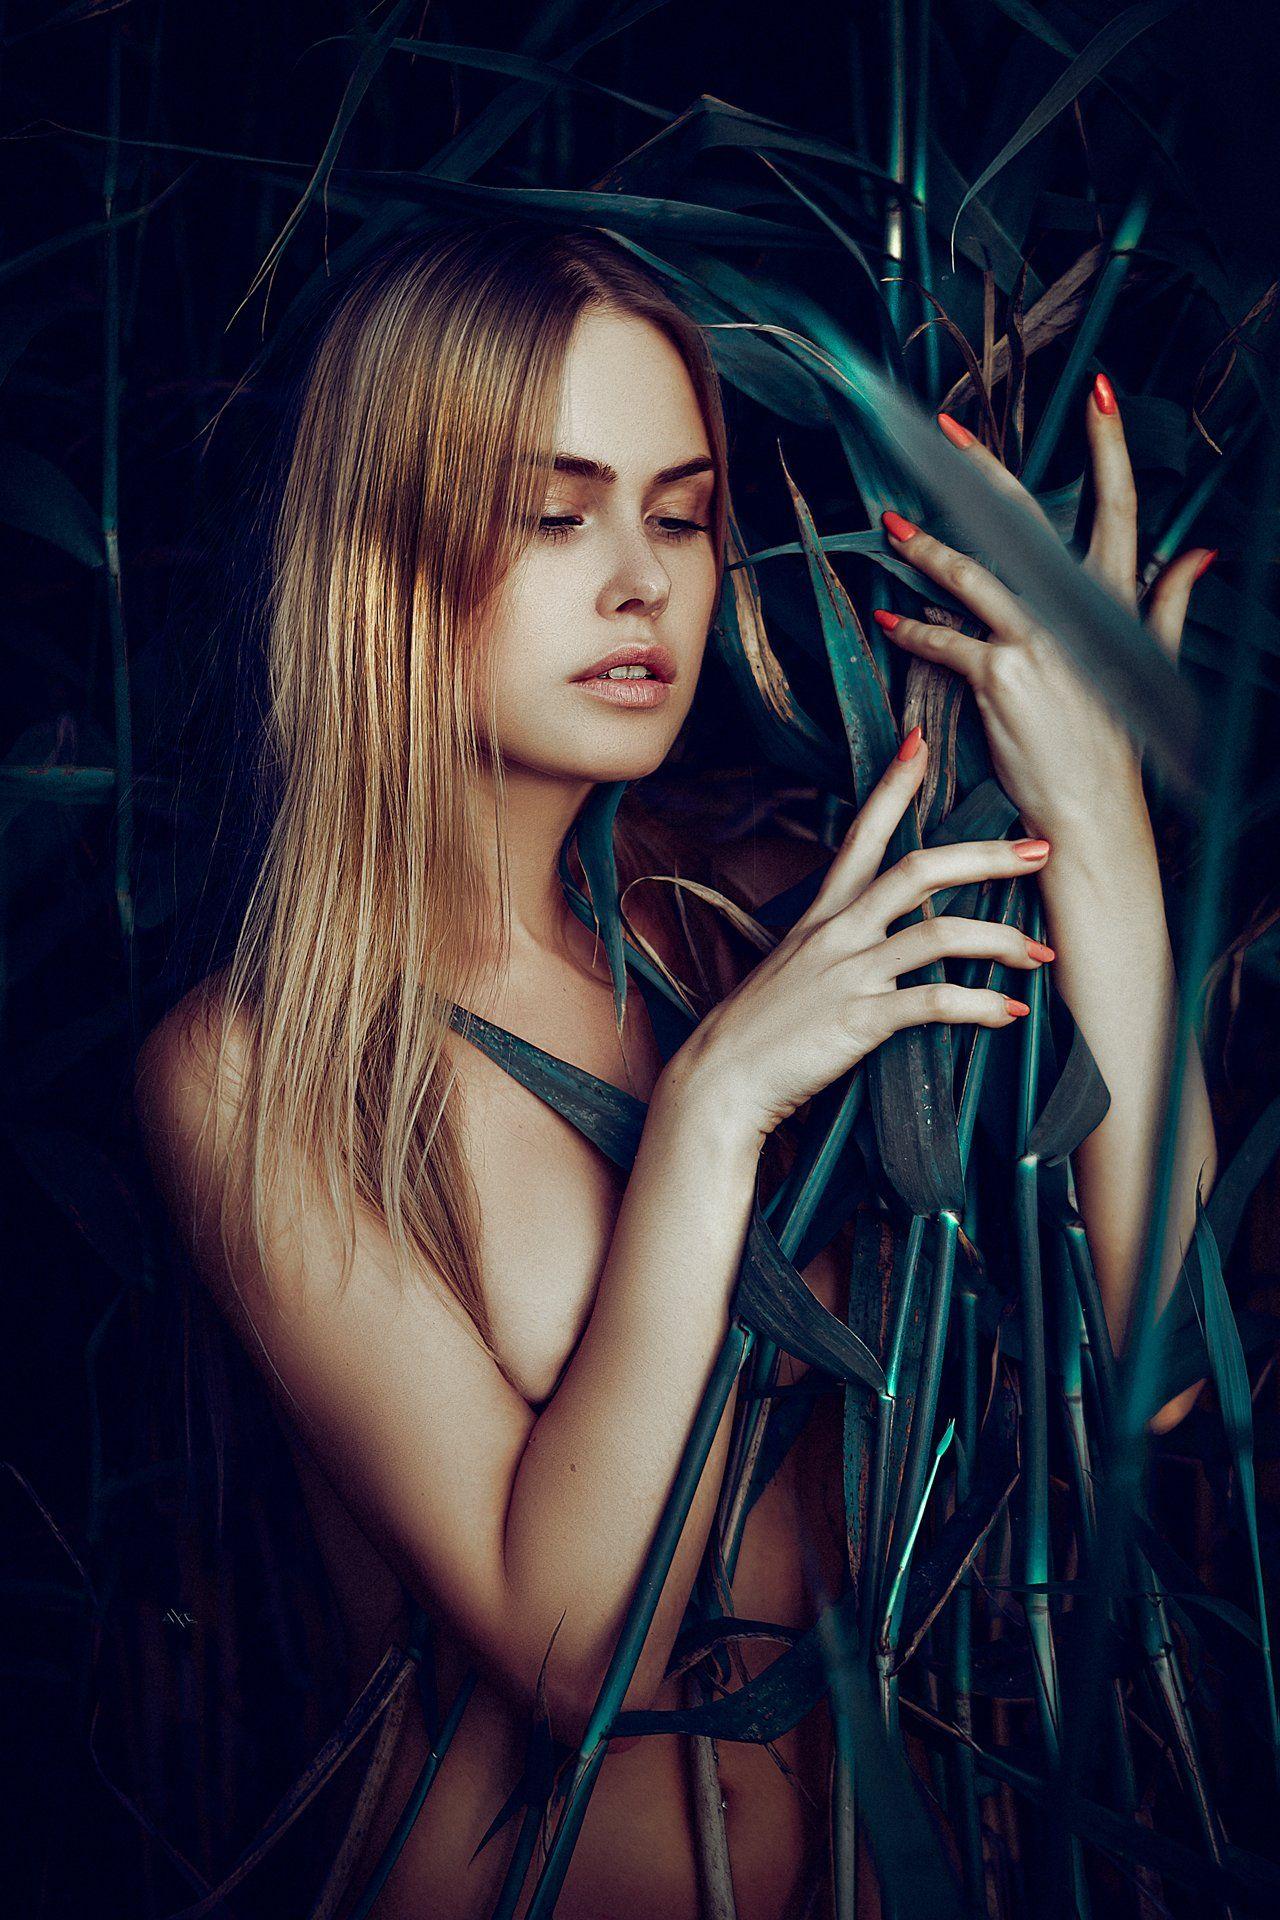 woman, nature, golden hour, outdoors, natural light, mood, Руслан Болгов (Axe)